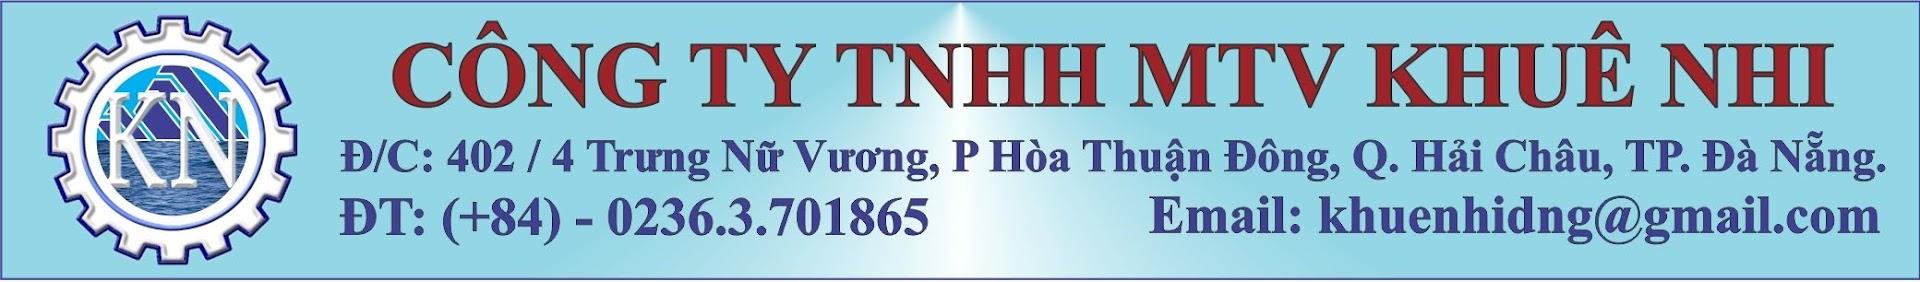 (QC)-Máy Nạp Mực In Phun HP45 Tự Động KN4520 9